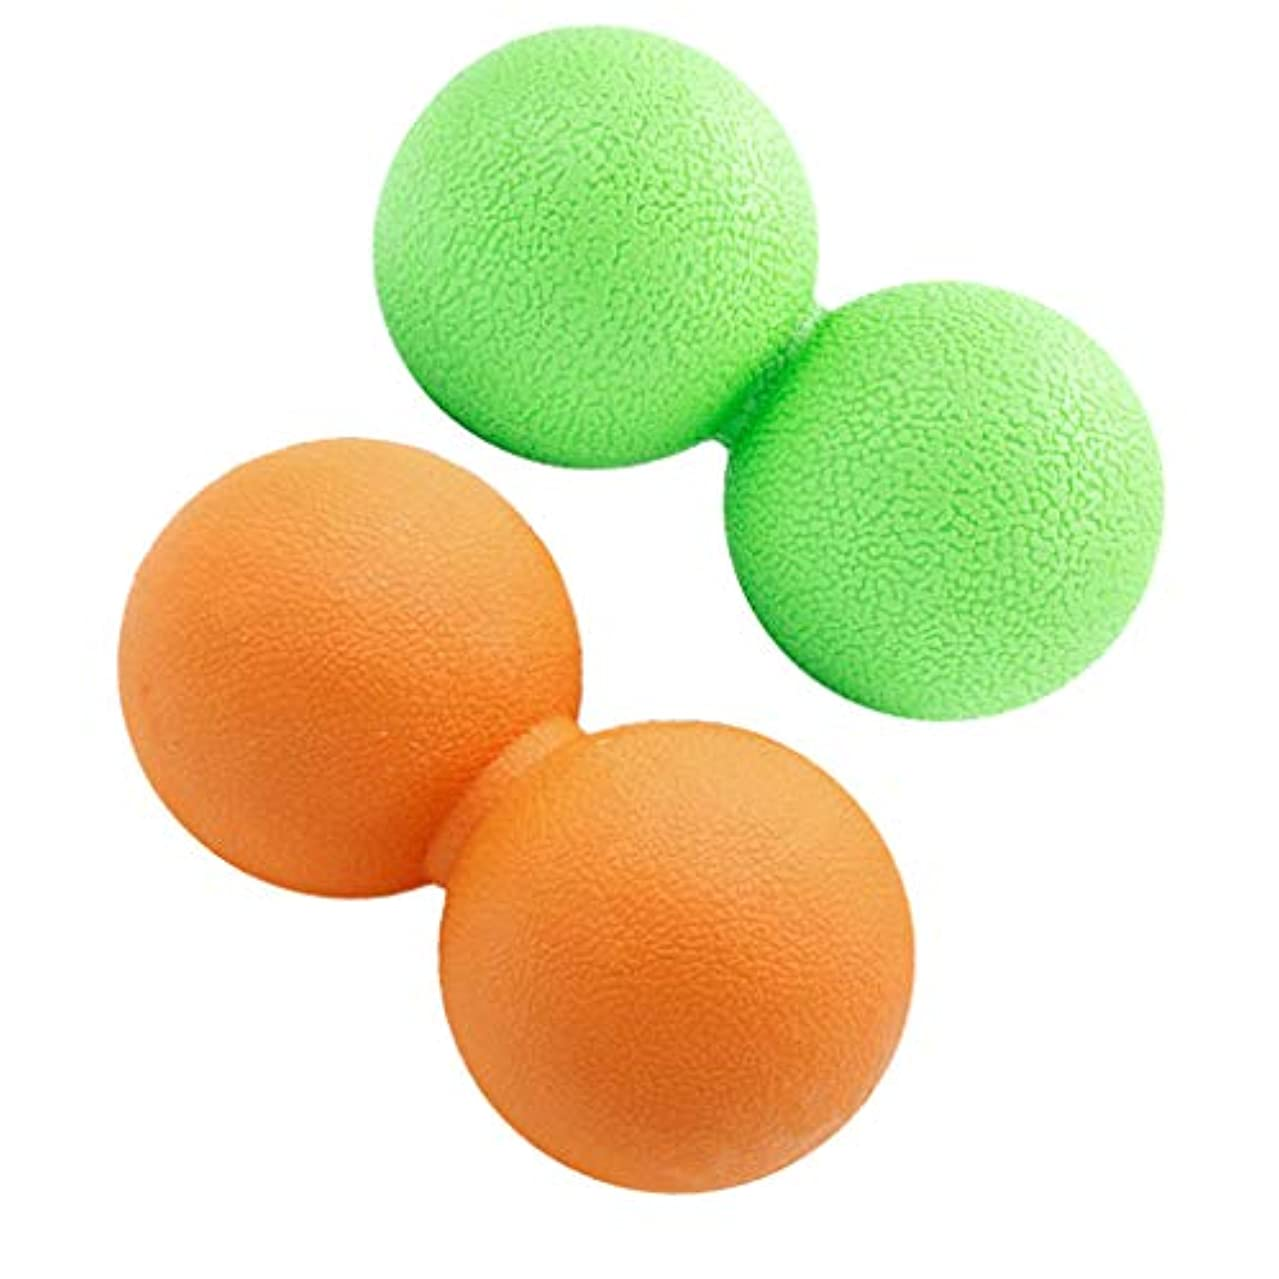 講師学校の先生意気揚々2個 マッサージボール ピーナッツ 疲れ解消ボール トリガーポイント 筋膜リリース ツボ押しグッズ